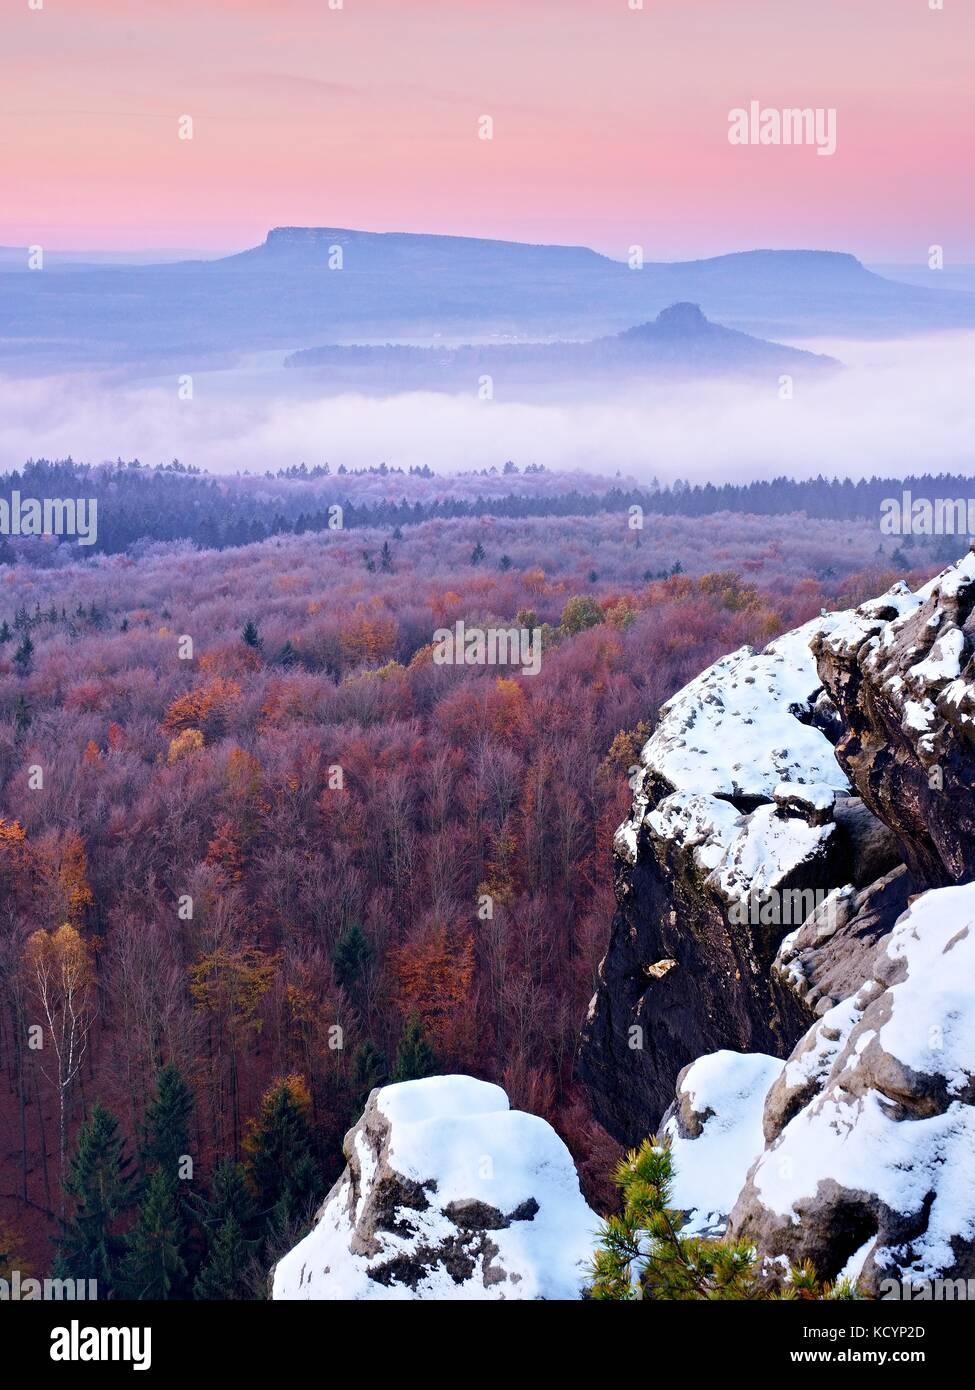 Prima polvere manto di neve sulle rocce di arenaria sopra valley park. Una forte nebbia nella valle punto di vista. Immagini Stock